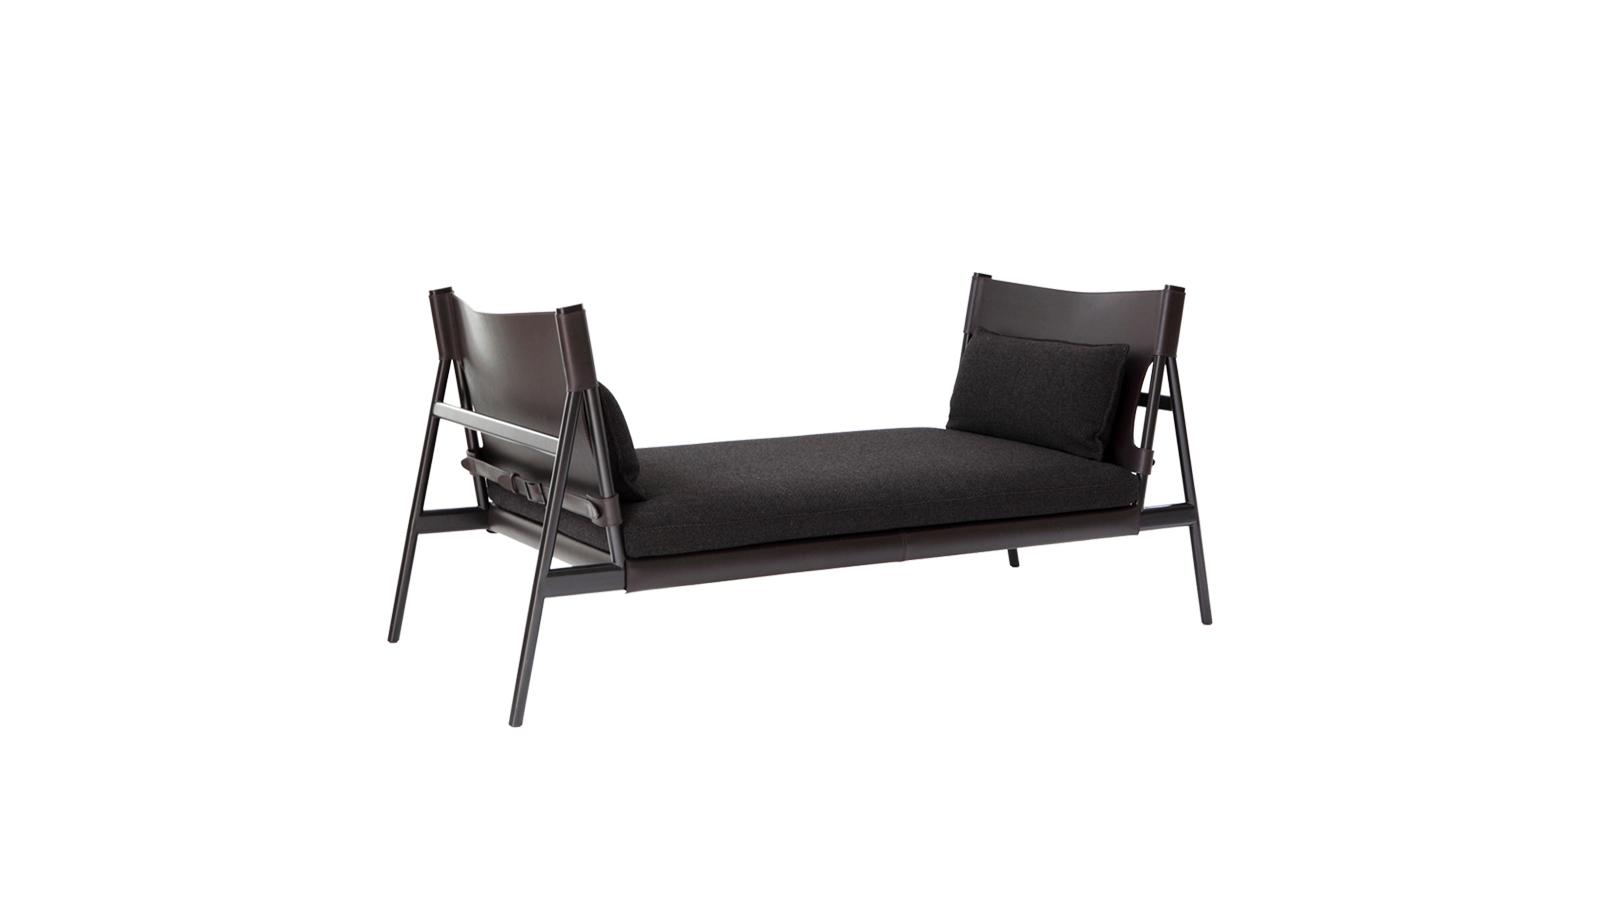 """""""A Porro Traveller darabja elegáns és eredeti, szimmetrikus, arányos és kényelmes. A fekete fém tartószerkezet a kárpit és a párnák tartójaként szerepel, amellett, hogy a formavilágát is definiálja a darabnak. Nyeregszerű bőrhatása robosztusságot hoz létre, ám az összkép mindvégig lágy marad a két szövetpárna jelenlétének köszönhetően. A bútor variábilis: kárpitozott elemei könnyen eltávolíthatóak és cserélhetőek. A megnyújtott ülőpárna rész kényelmes pozíció felvételére ösztönzi használóját, ideális gardróbokban elhelyezve. """""""